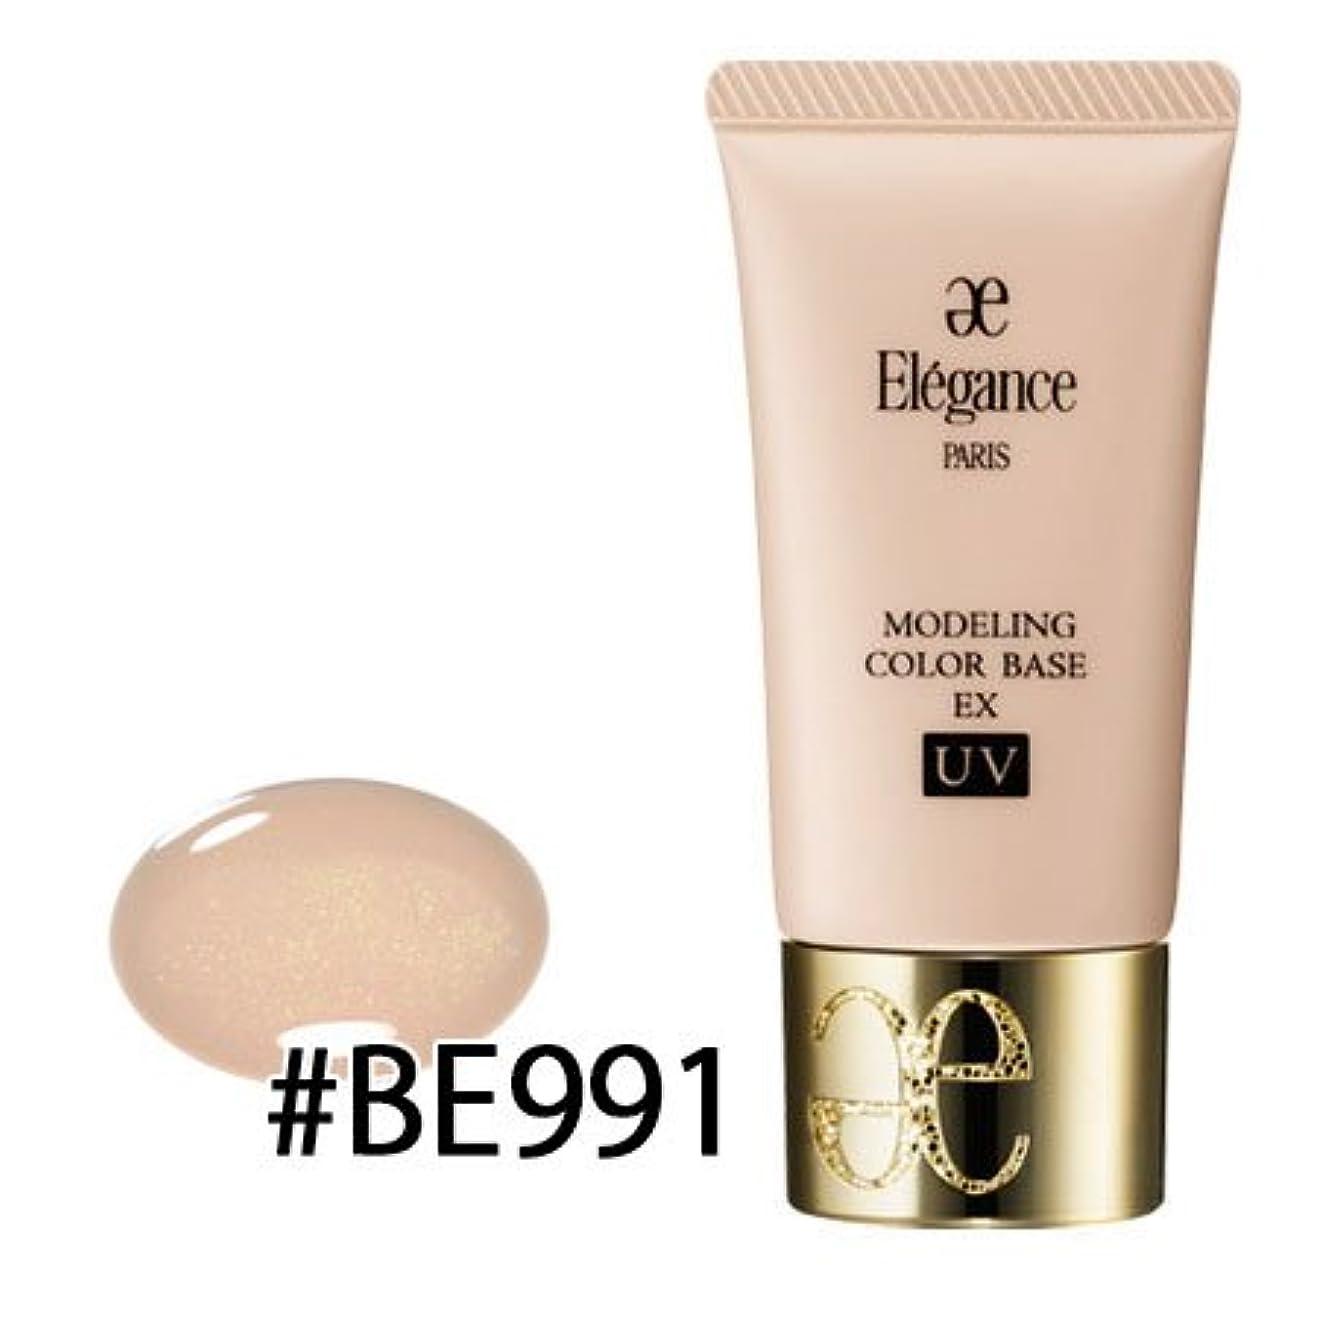 私たちのものイブニング衝突するエレガンス モデリング カラーベース EX UV #BE991